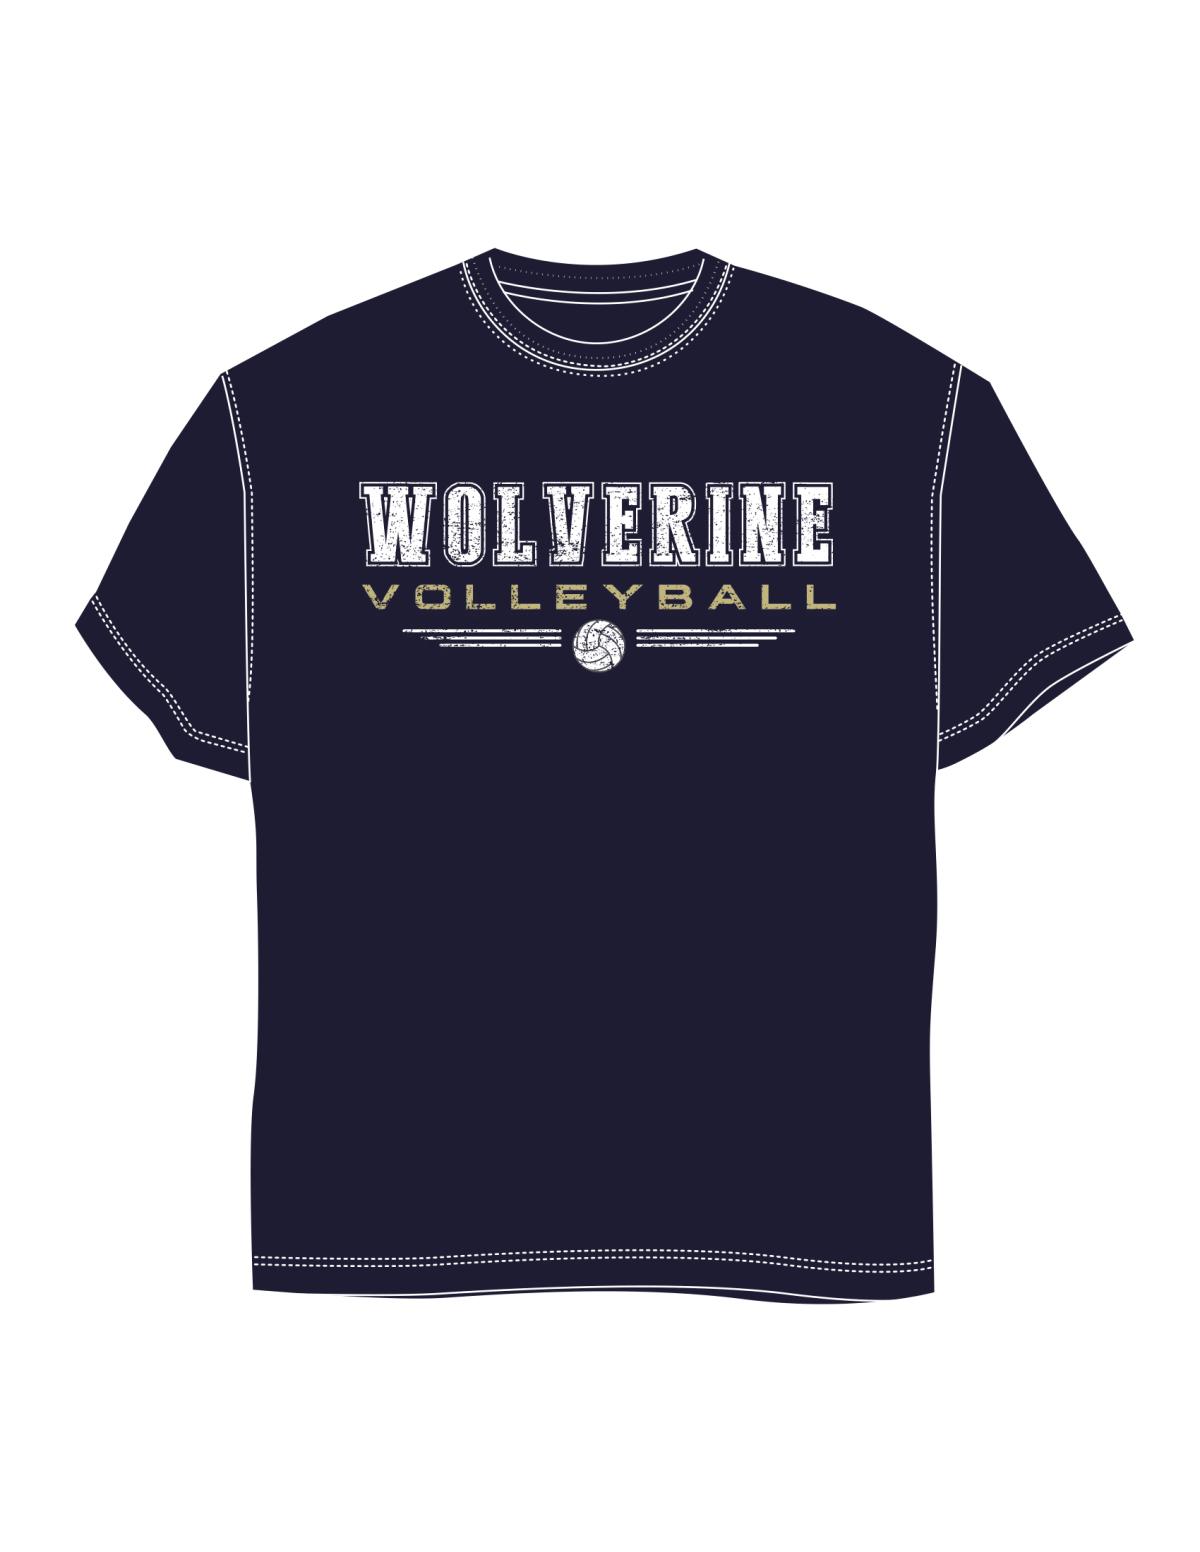 Bentonville West High School- VolleyballSpiritwear